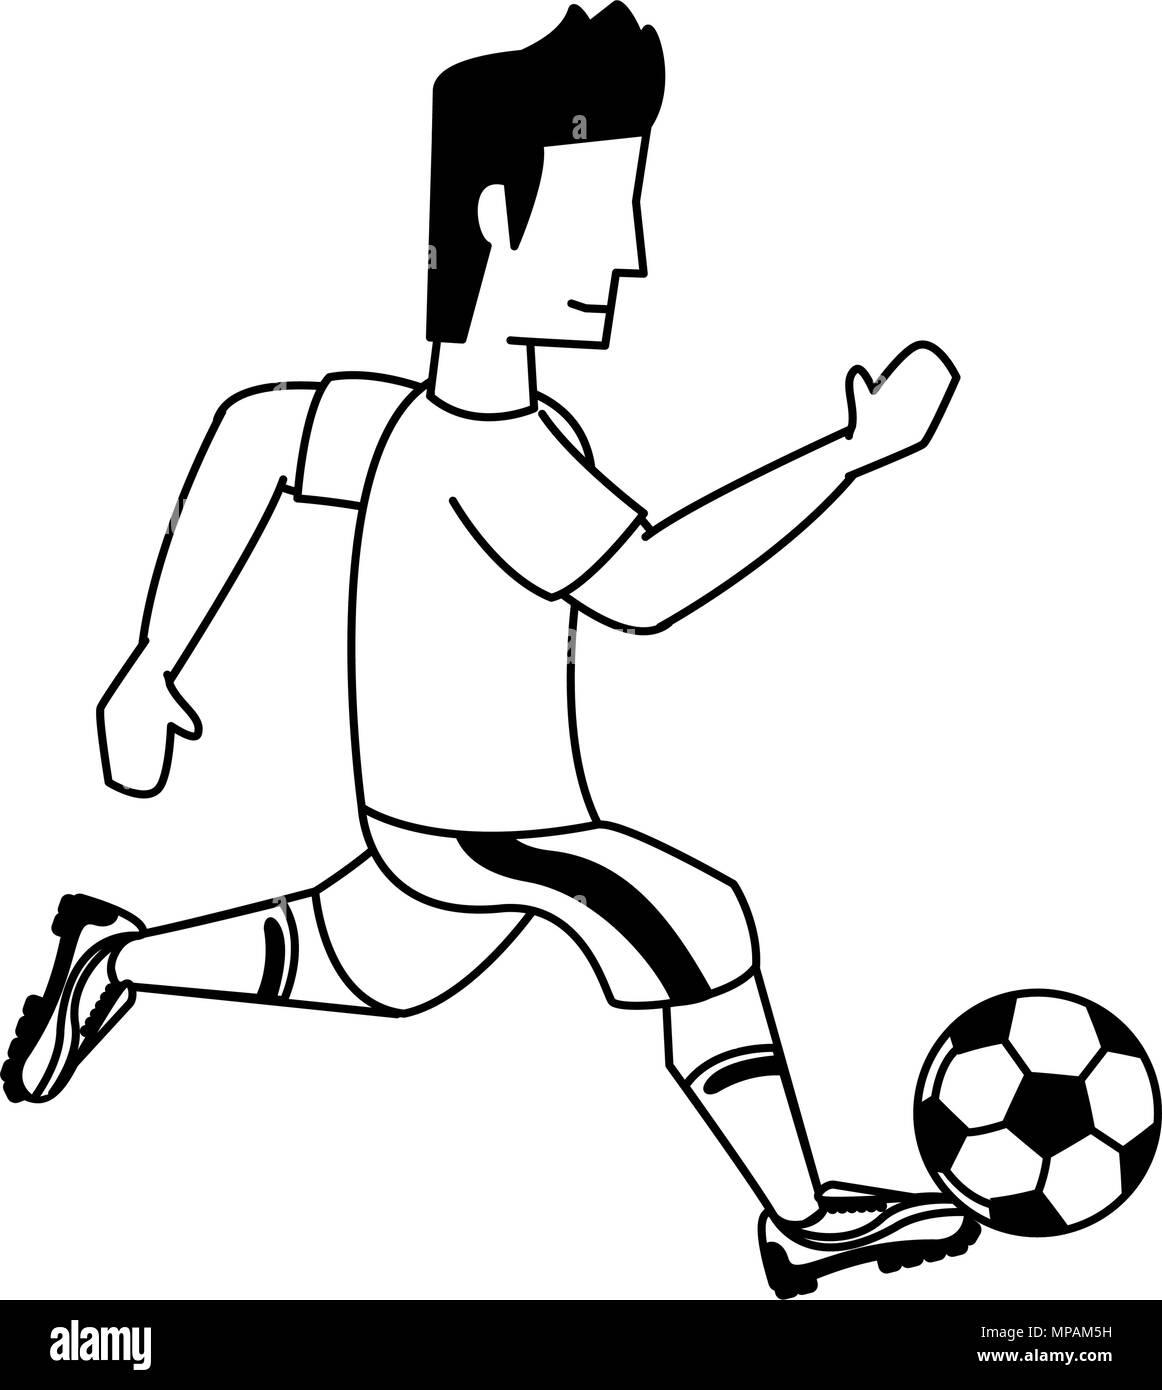 Fussball Spieler Cartoon In Den Farben Schwarz Und Weiss